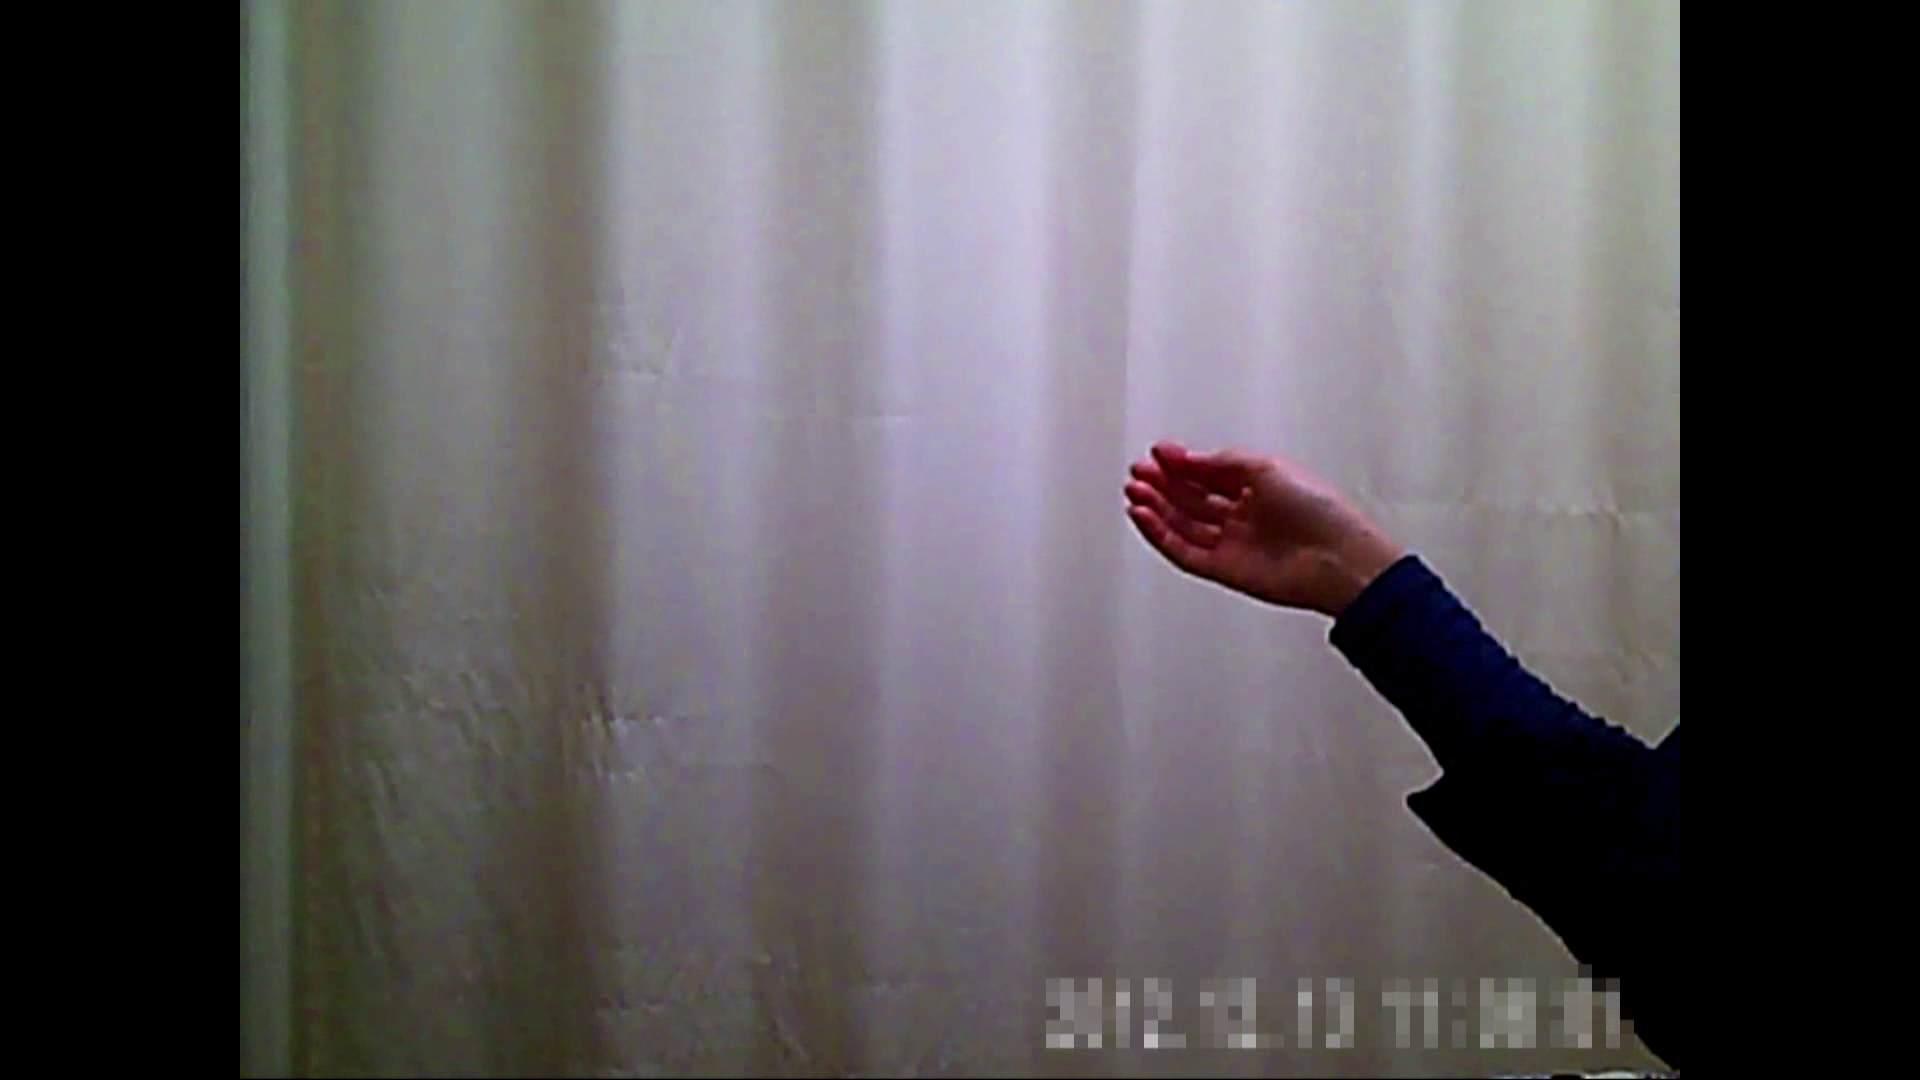 アダルトエロ動画|元医者による反抗 更衣室地獄絵巻 vol.120|怪盗ジョーカー